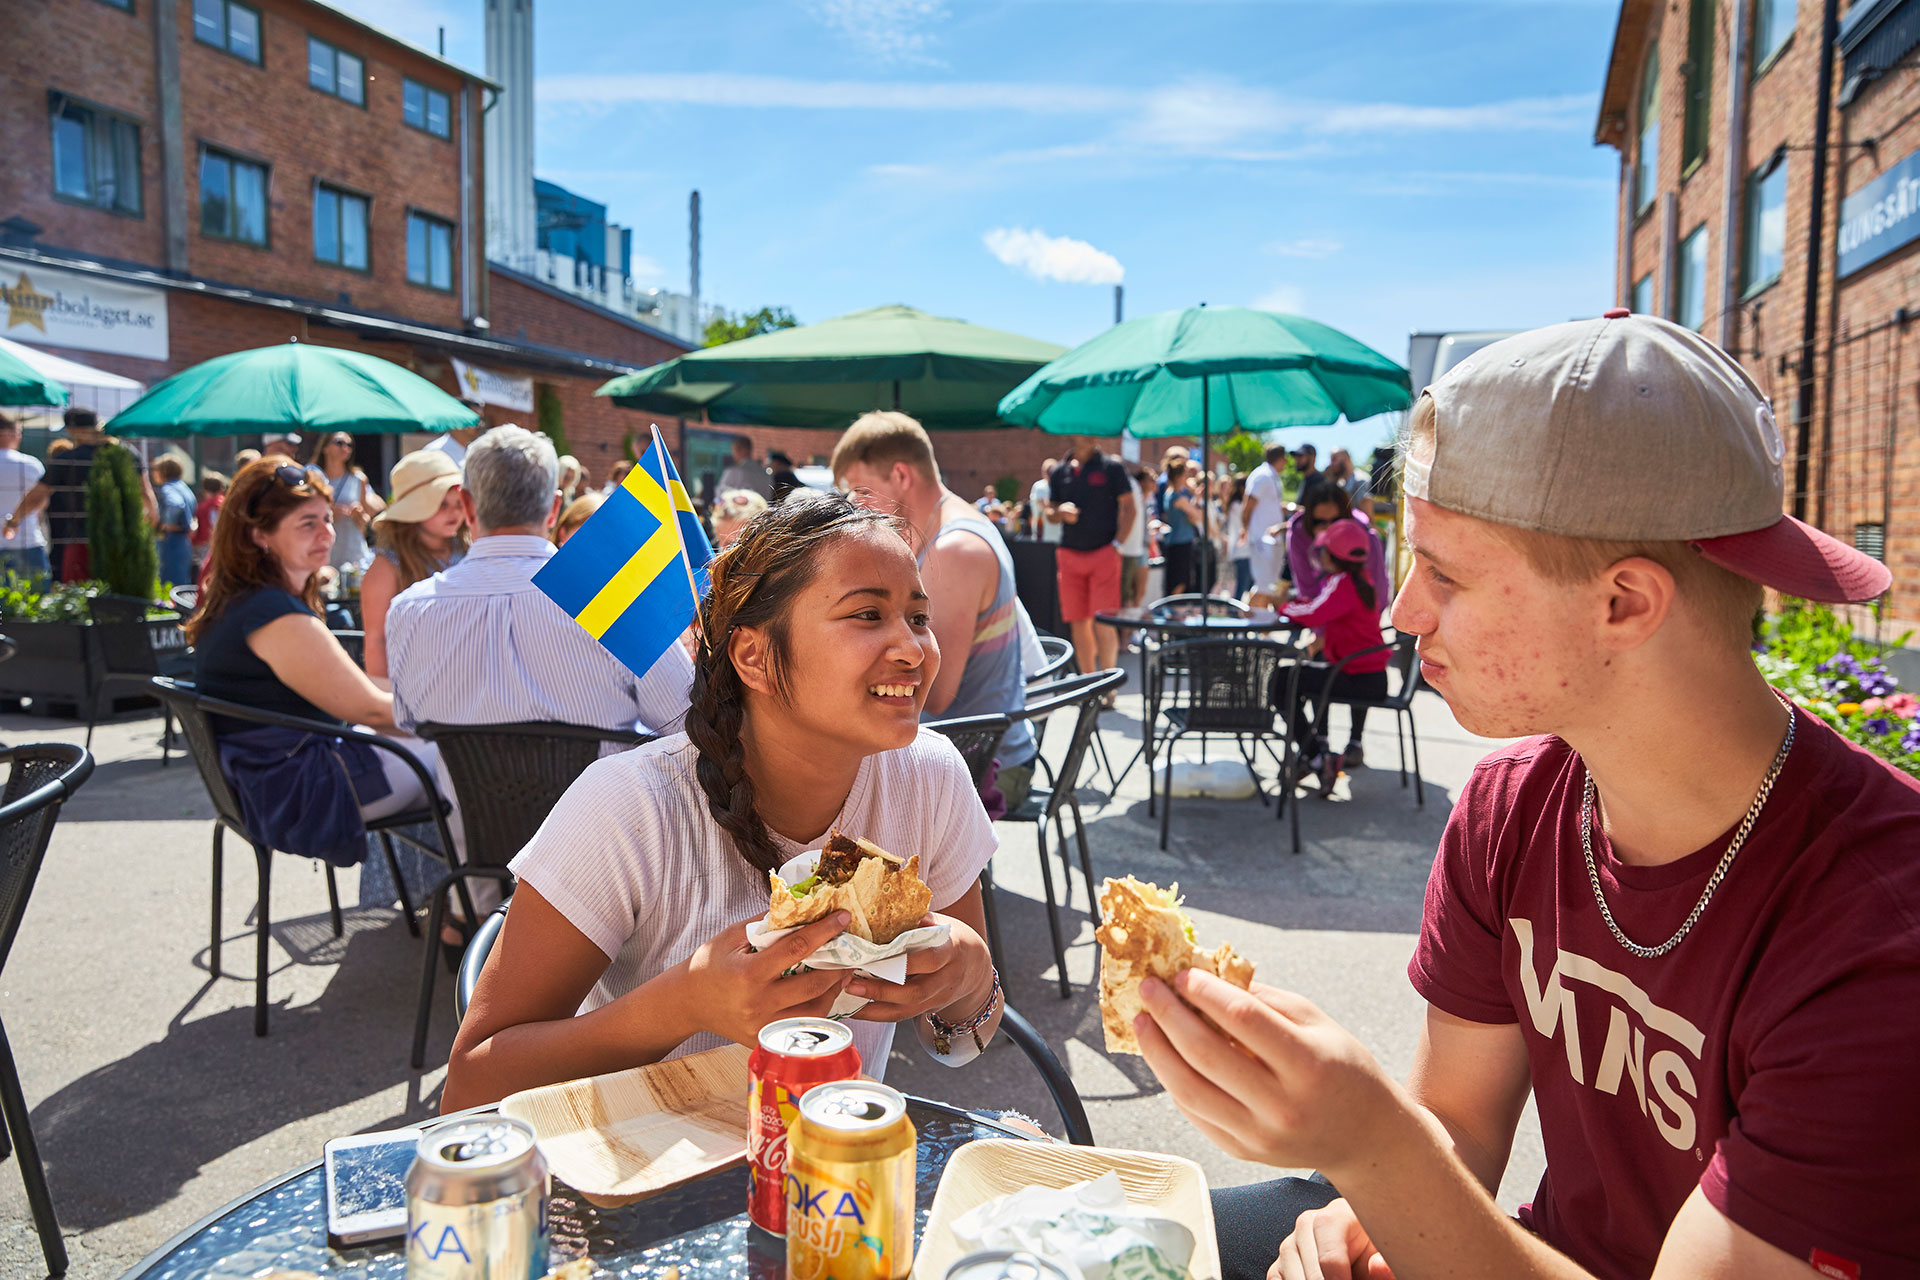 Två tonåringar äter mat från Saluhallen Slakteriet utomhus i solen. Fotograf: BildeN